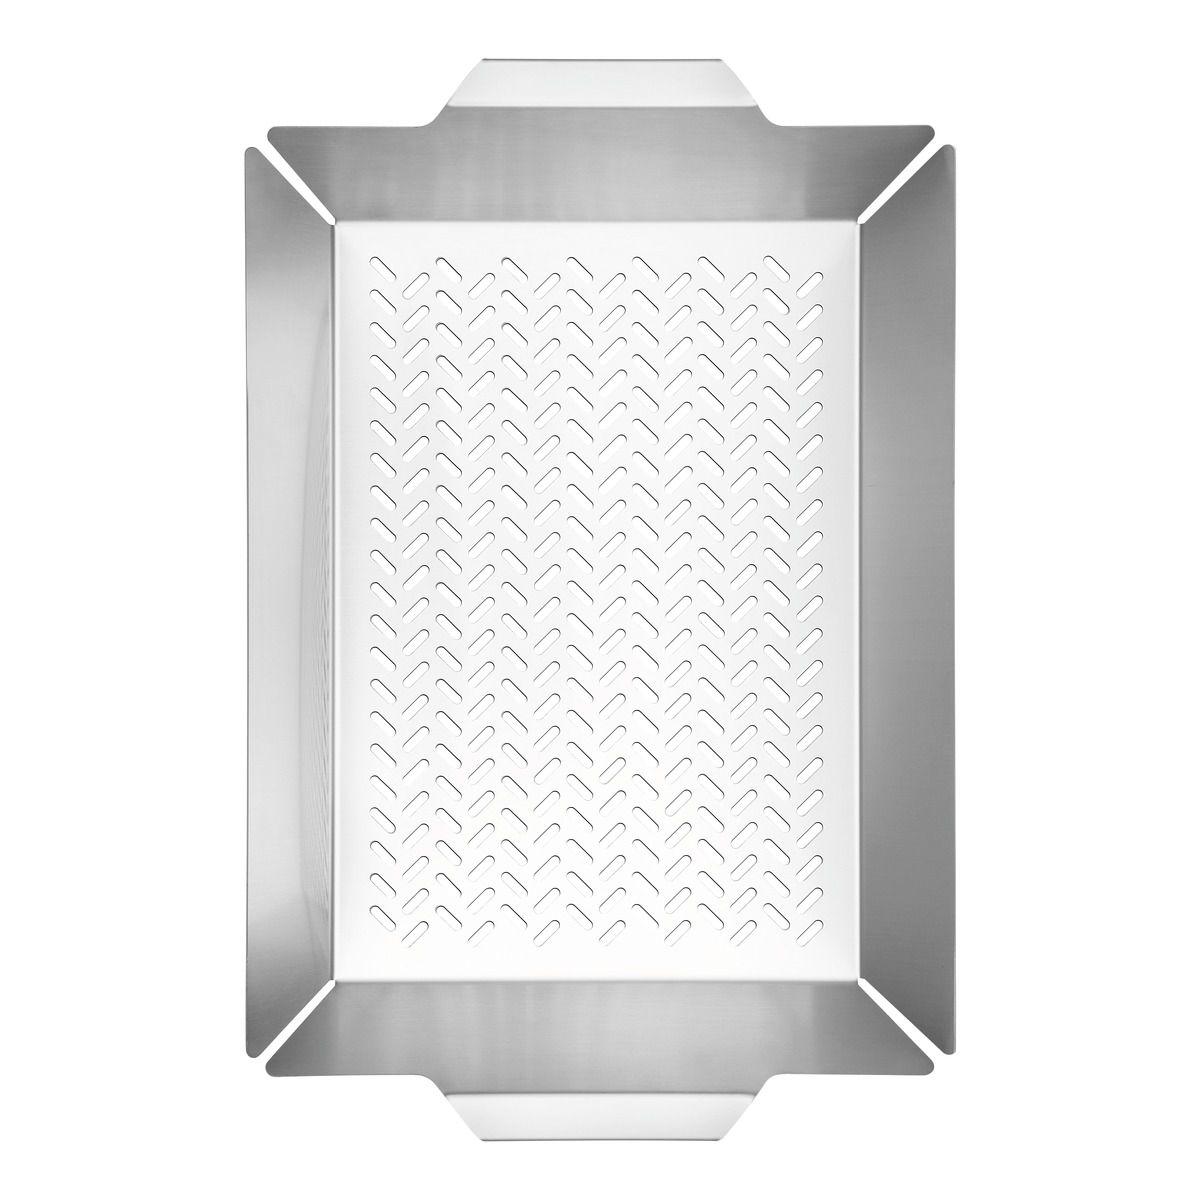 Grelha Tramontina Multiuso em Aço Inox 47 x 30 cm 61321/410   Lojas Estrela